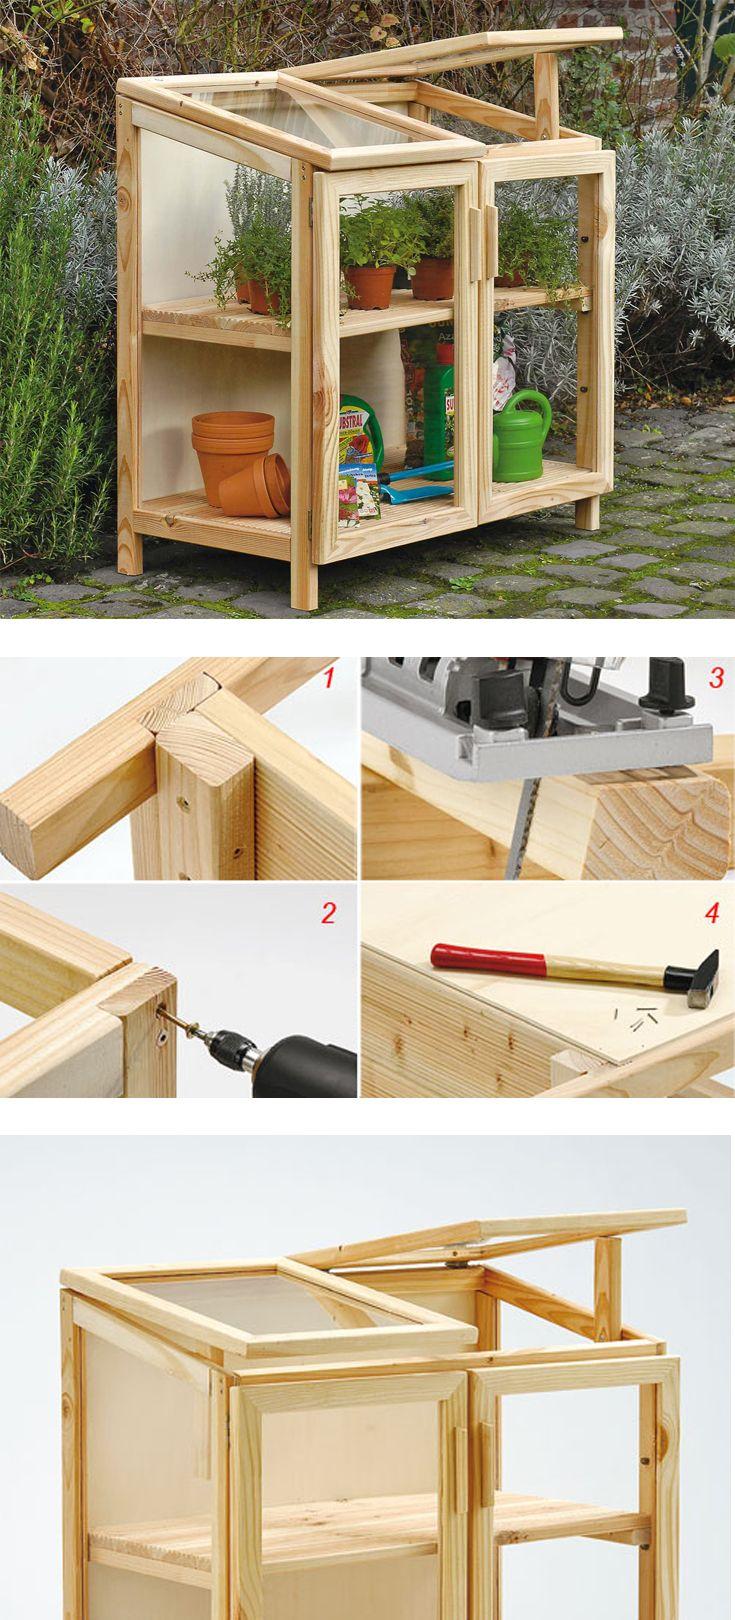 Serra in legno per balcone diy serra arredi da for Arredi da giardino in legno